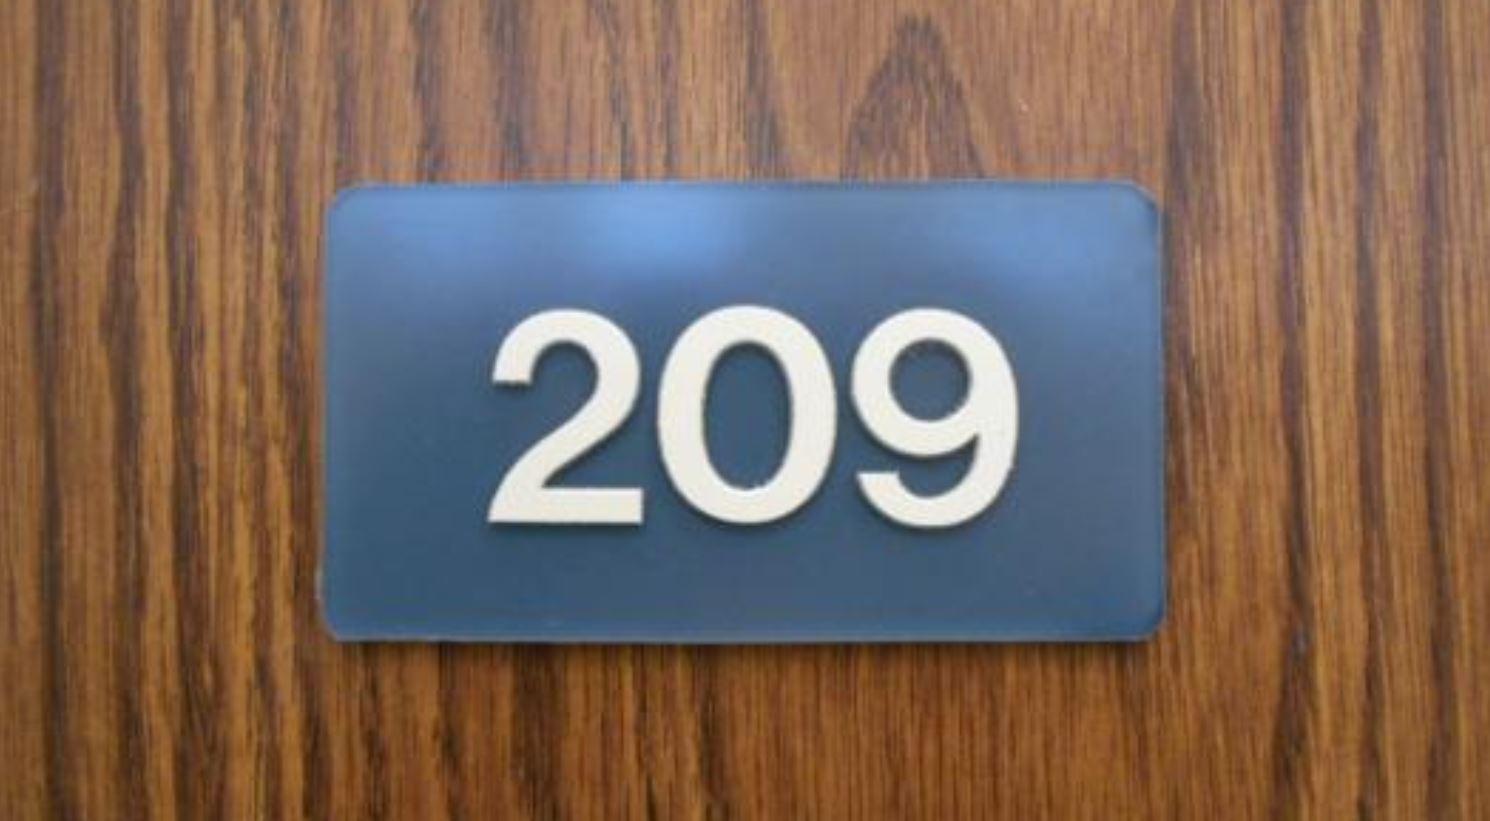 Die Bedeutung der Zahl 209